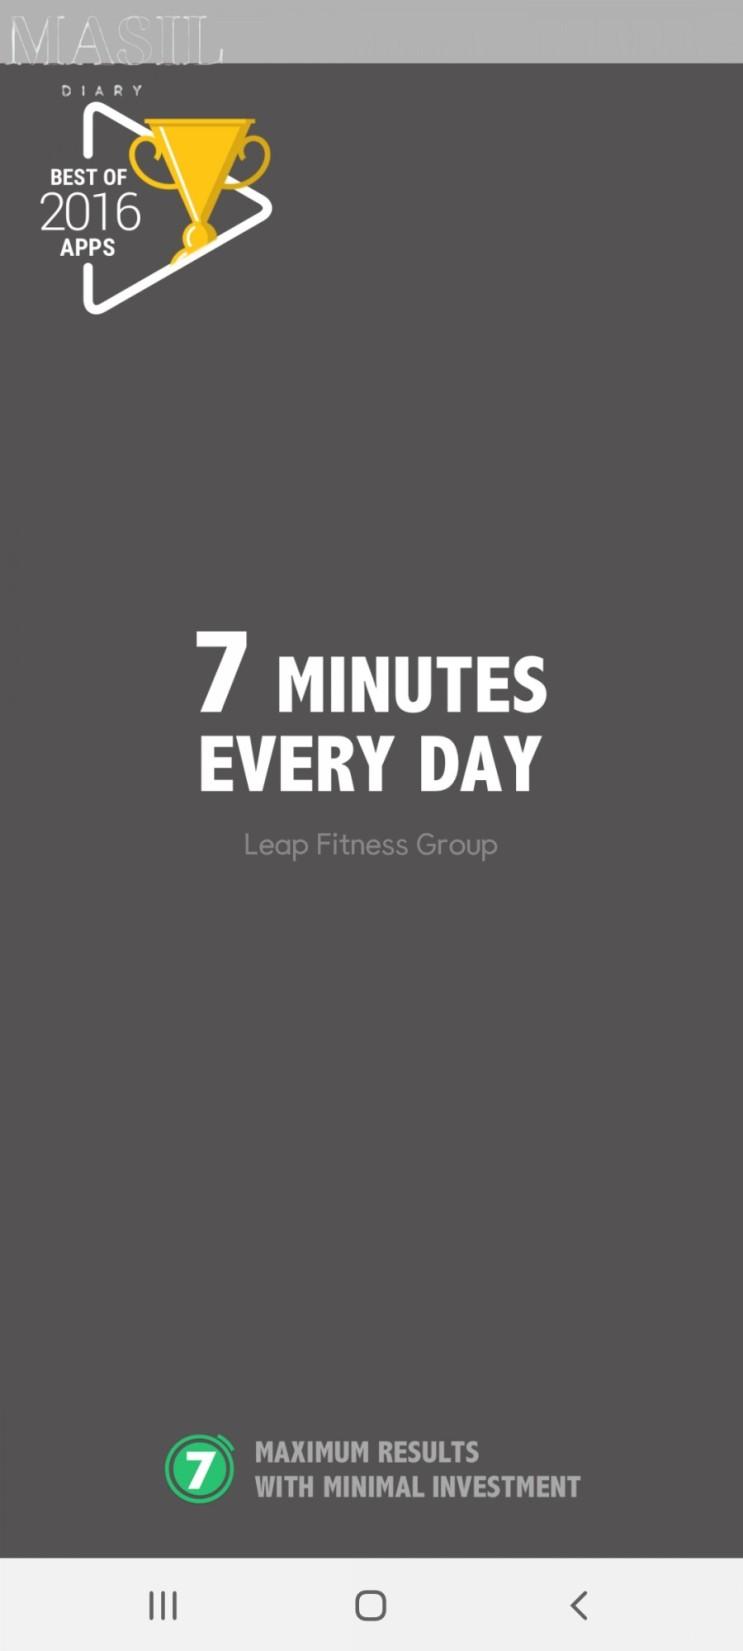 홈트 어플 추천 7분 에브리데이 운동 초심자 세트 몇 회씩